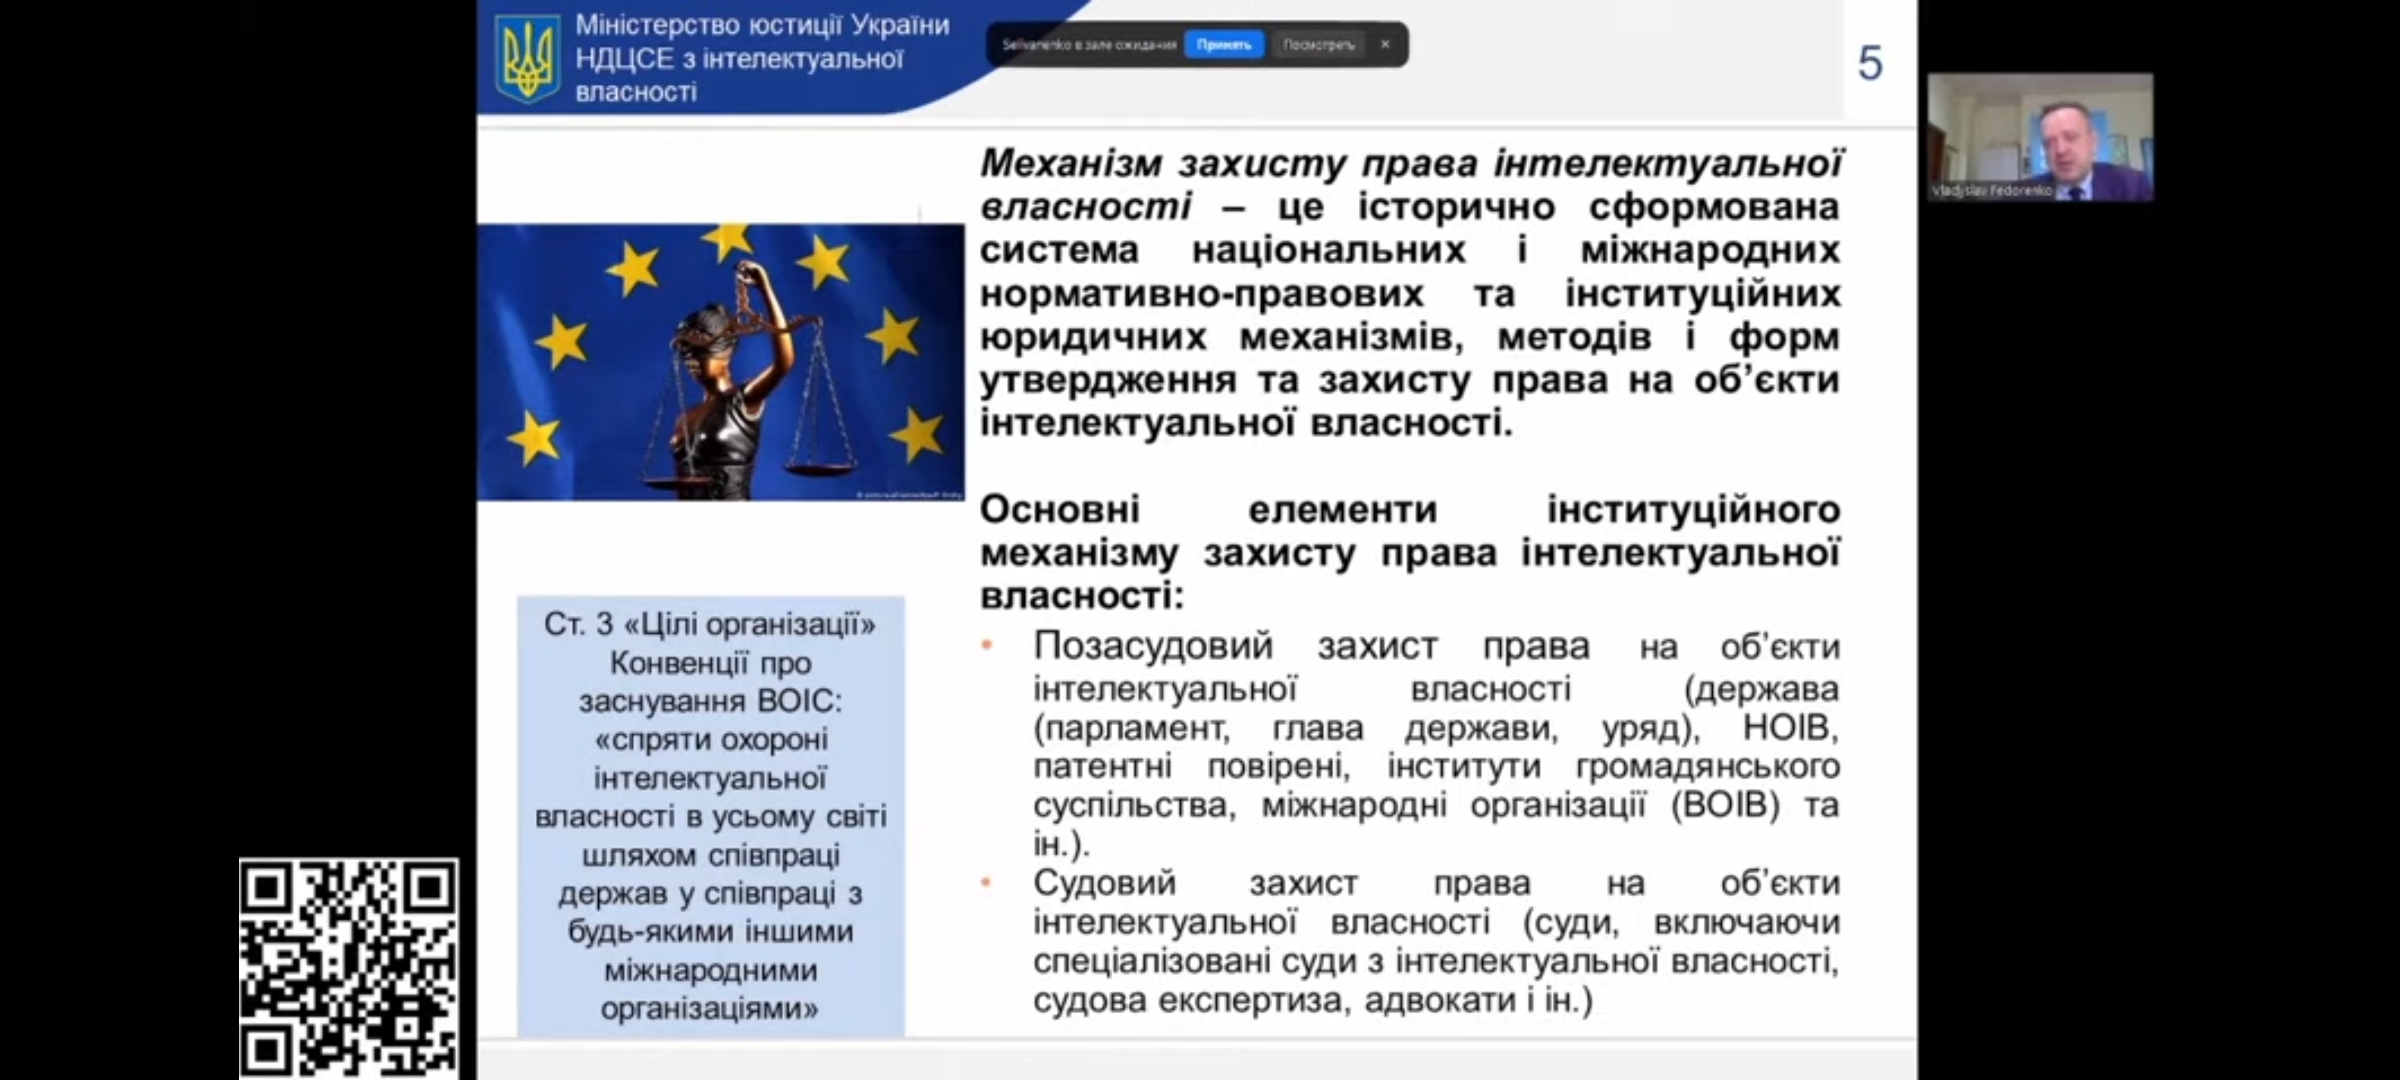 НДЦСЕ з питань інтелектуальної власності взяв участь у Онлайн-практикумі «Захист прав інтелектуальної власності: юридична доктрина, особливості проведення судових експертиз та практика Верховного Суду»